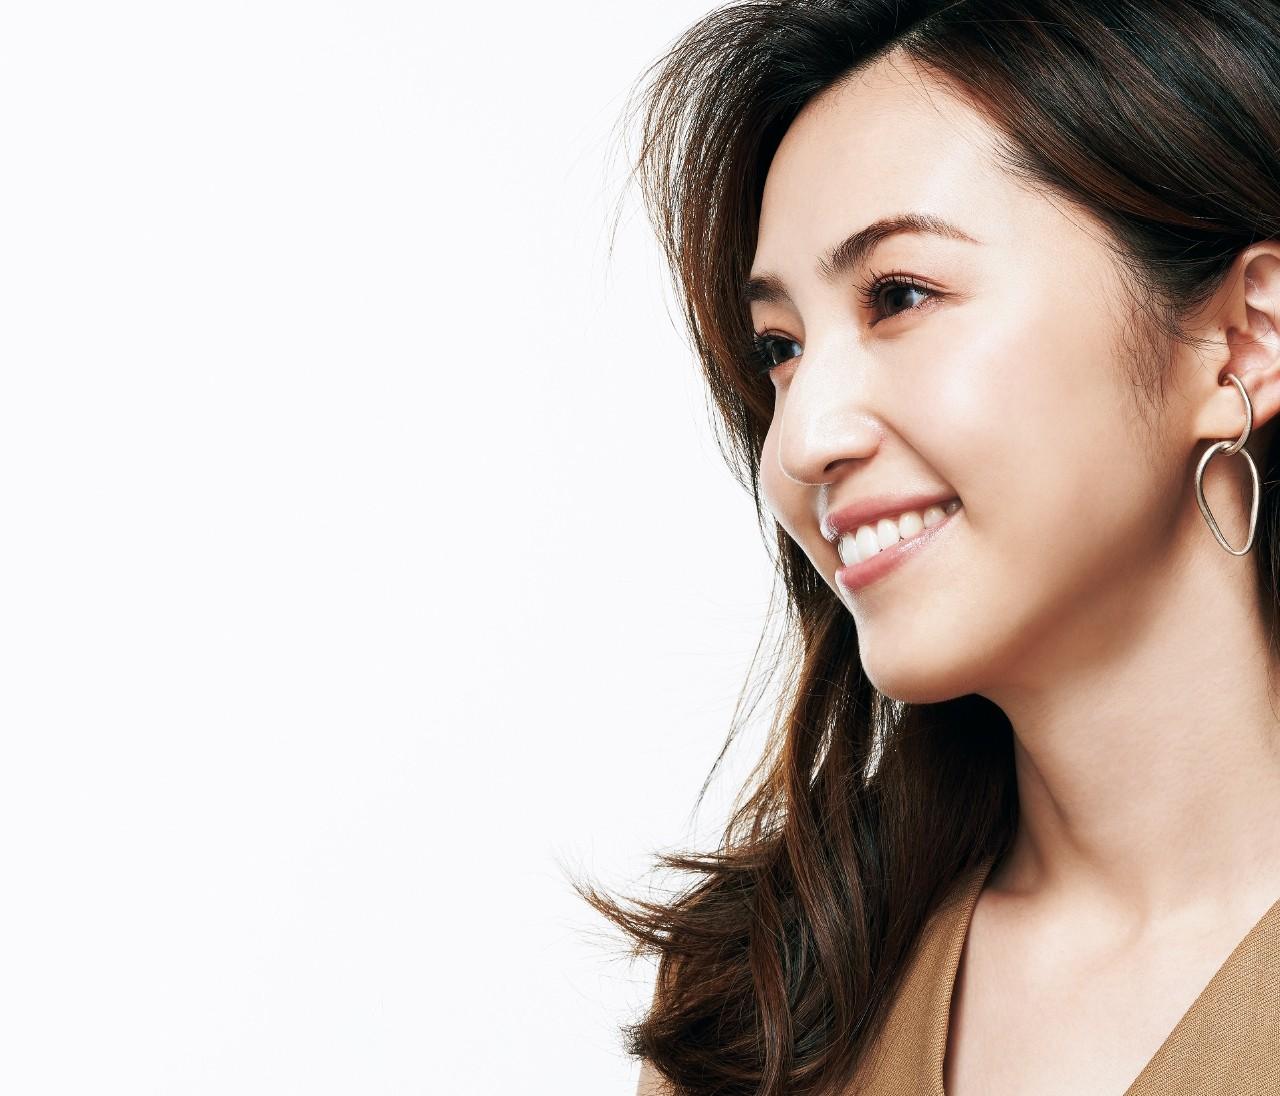 美容研究家・有村実樹さんが下半顔ケアを実践!愛用コスメから顔の体操まで